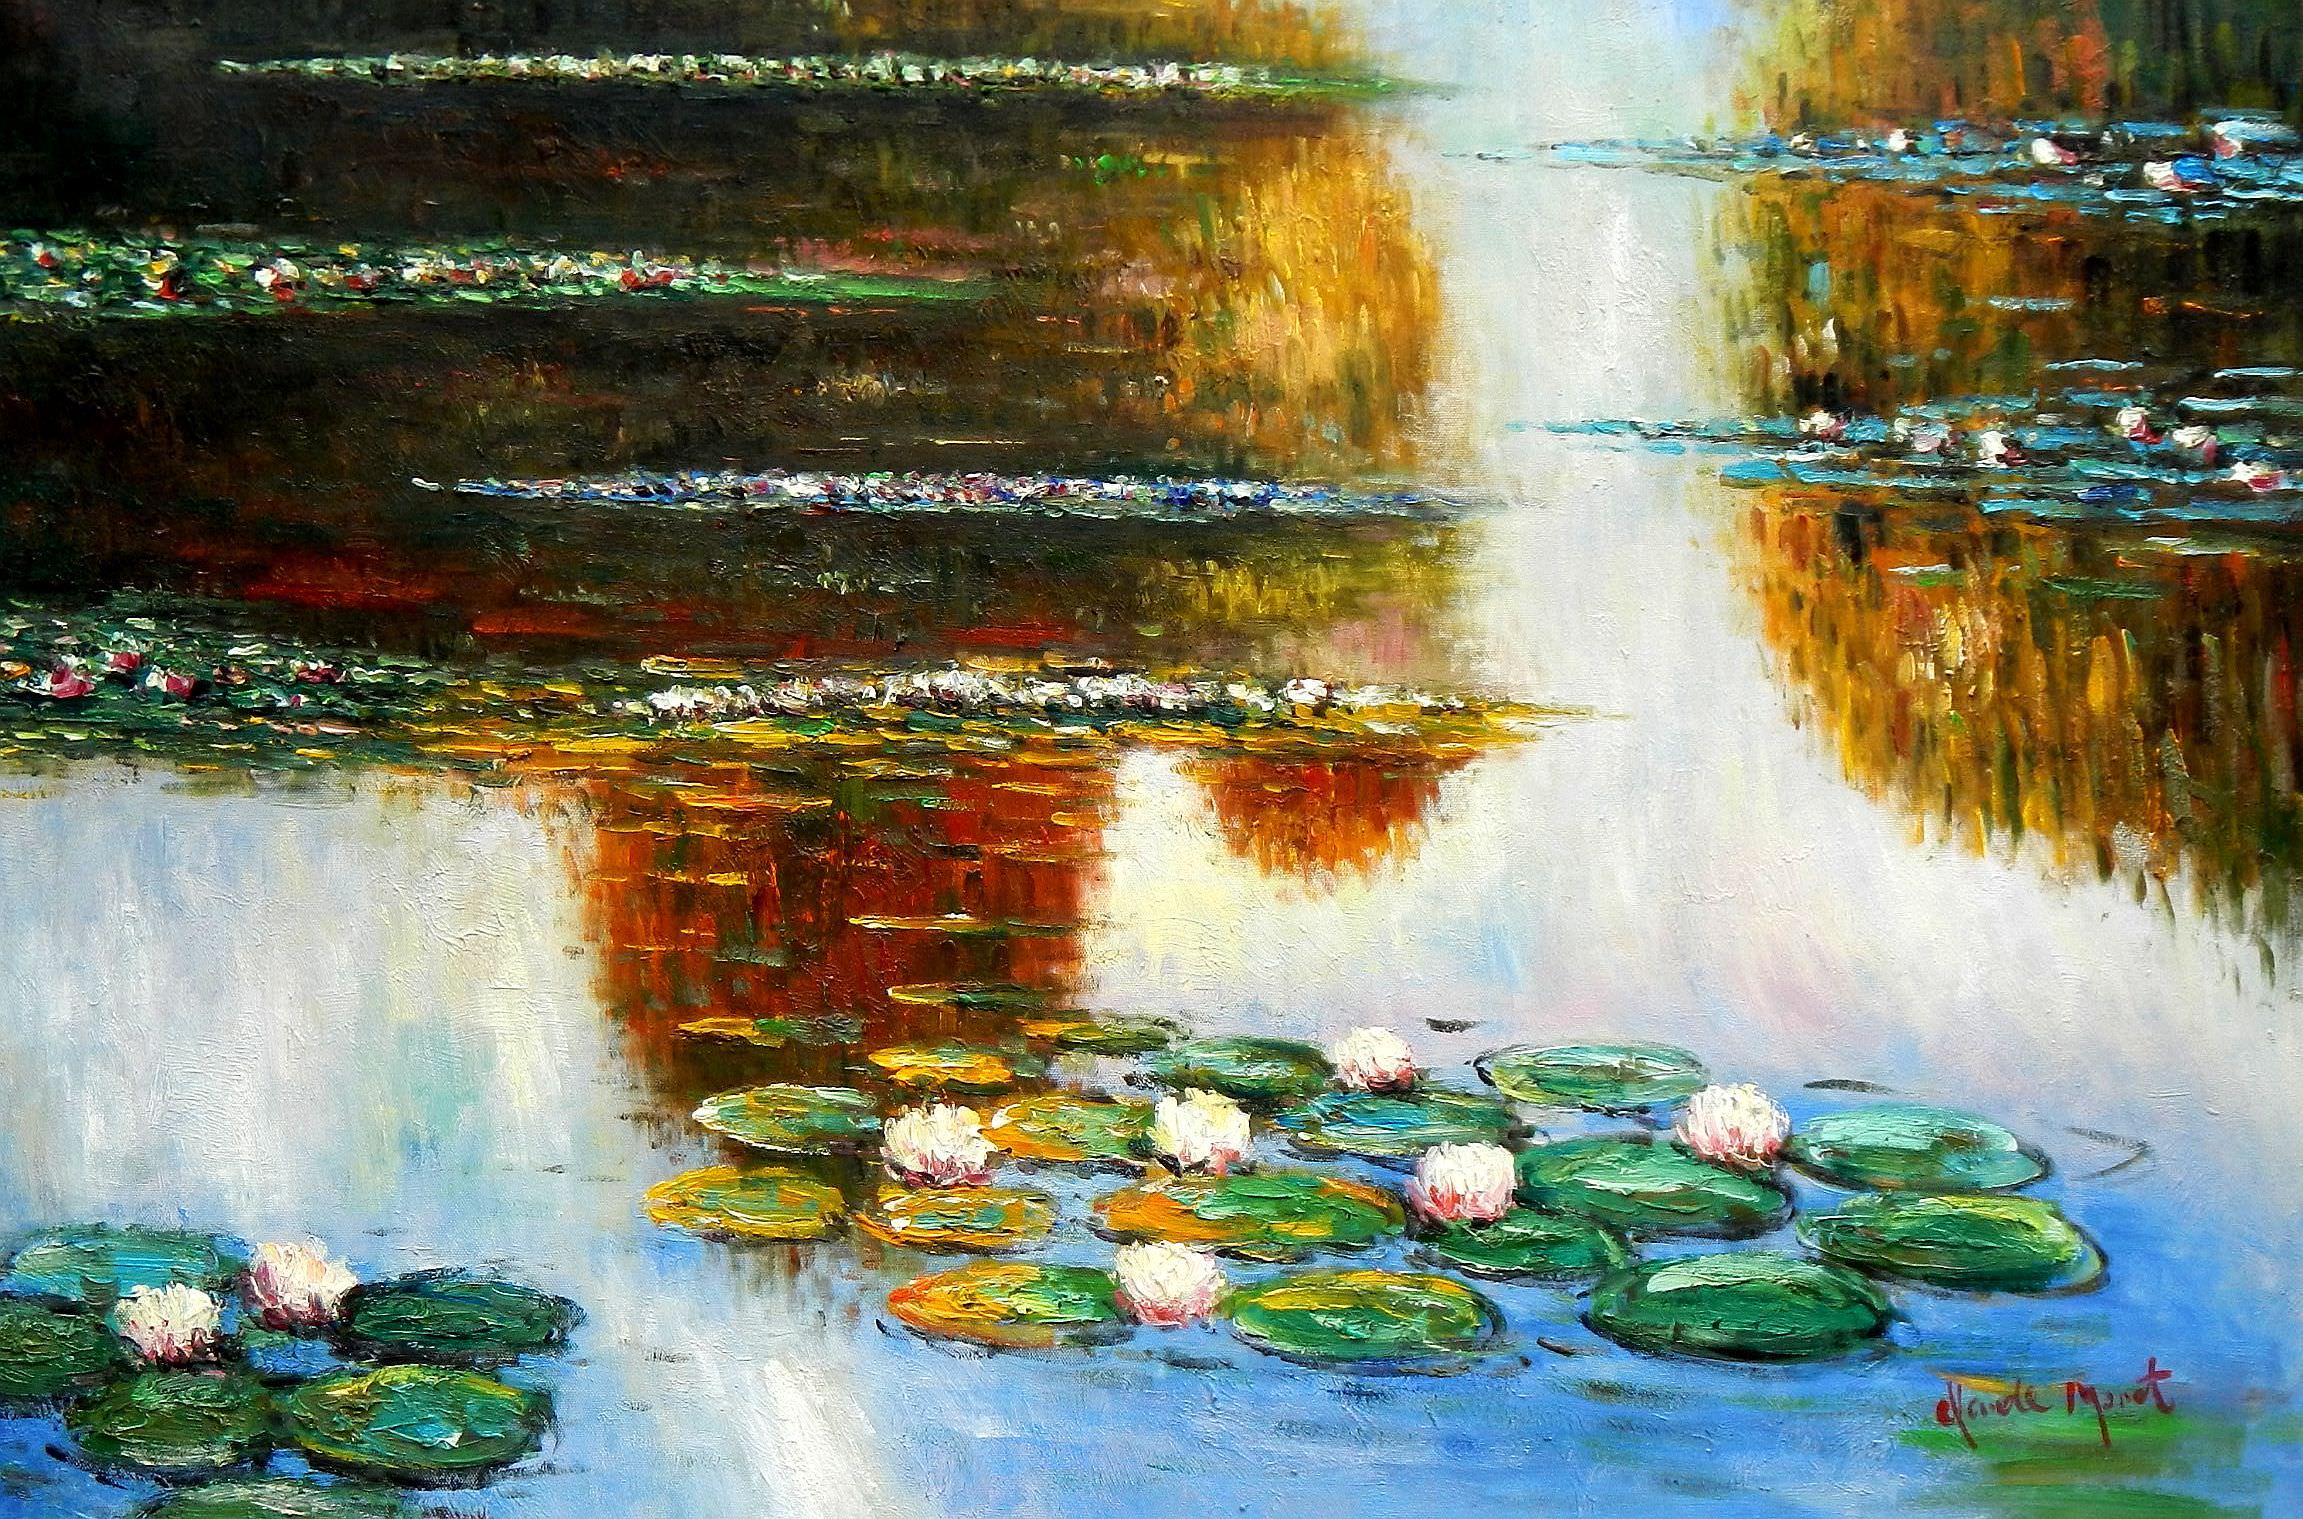 Claude Monet - Seerosen im Licht d95819 60x90cm exquisites Ölbild